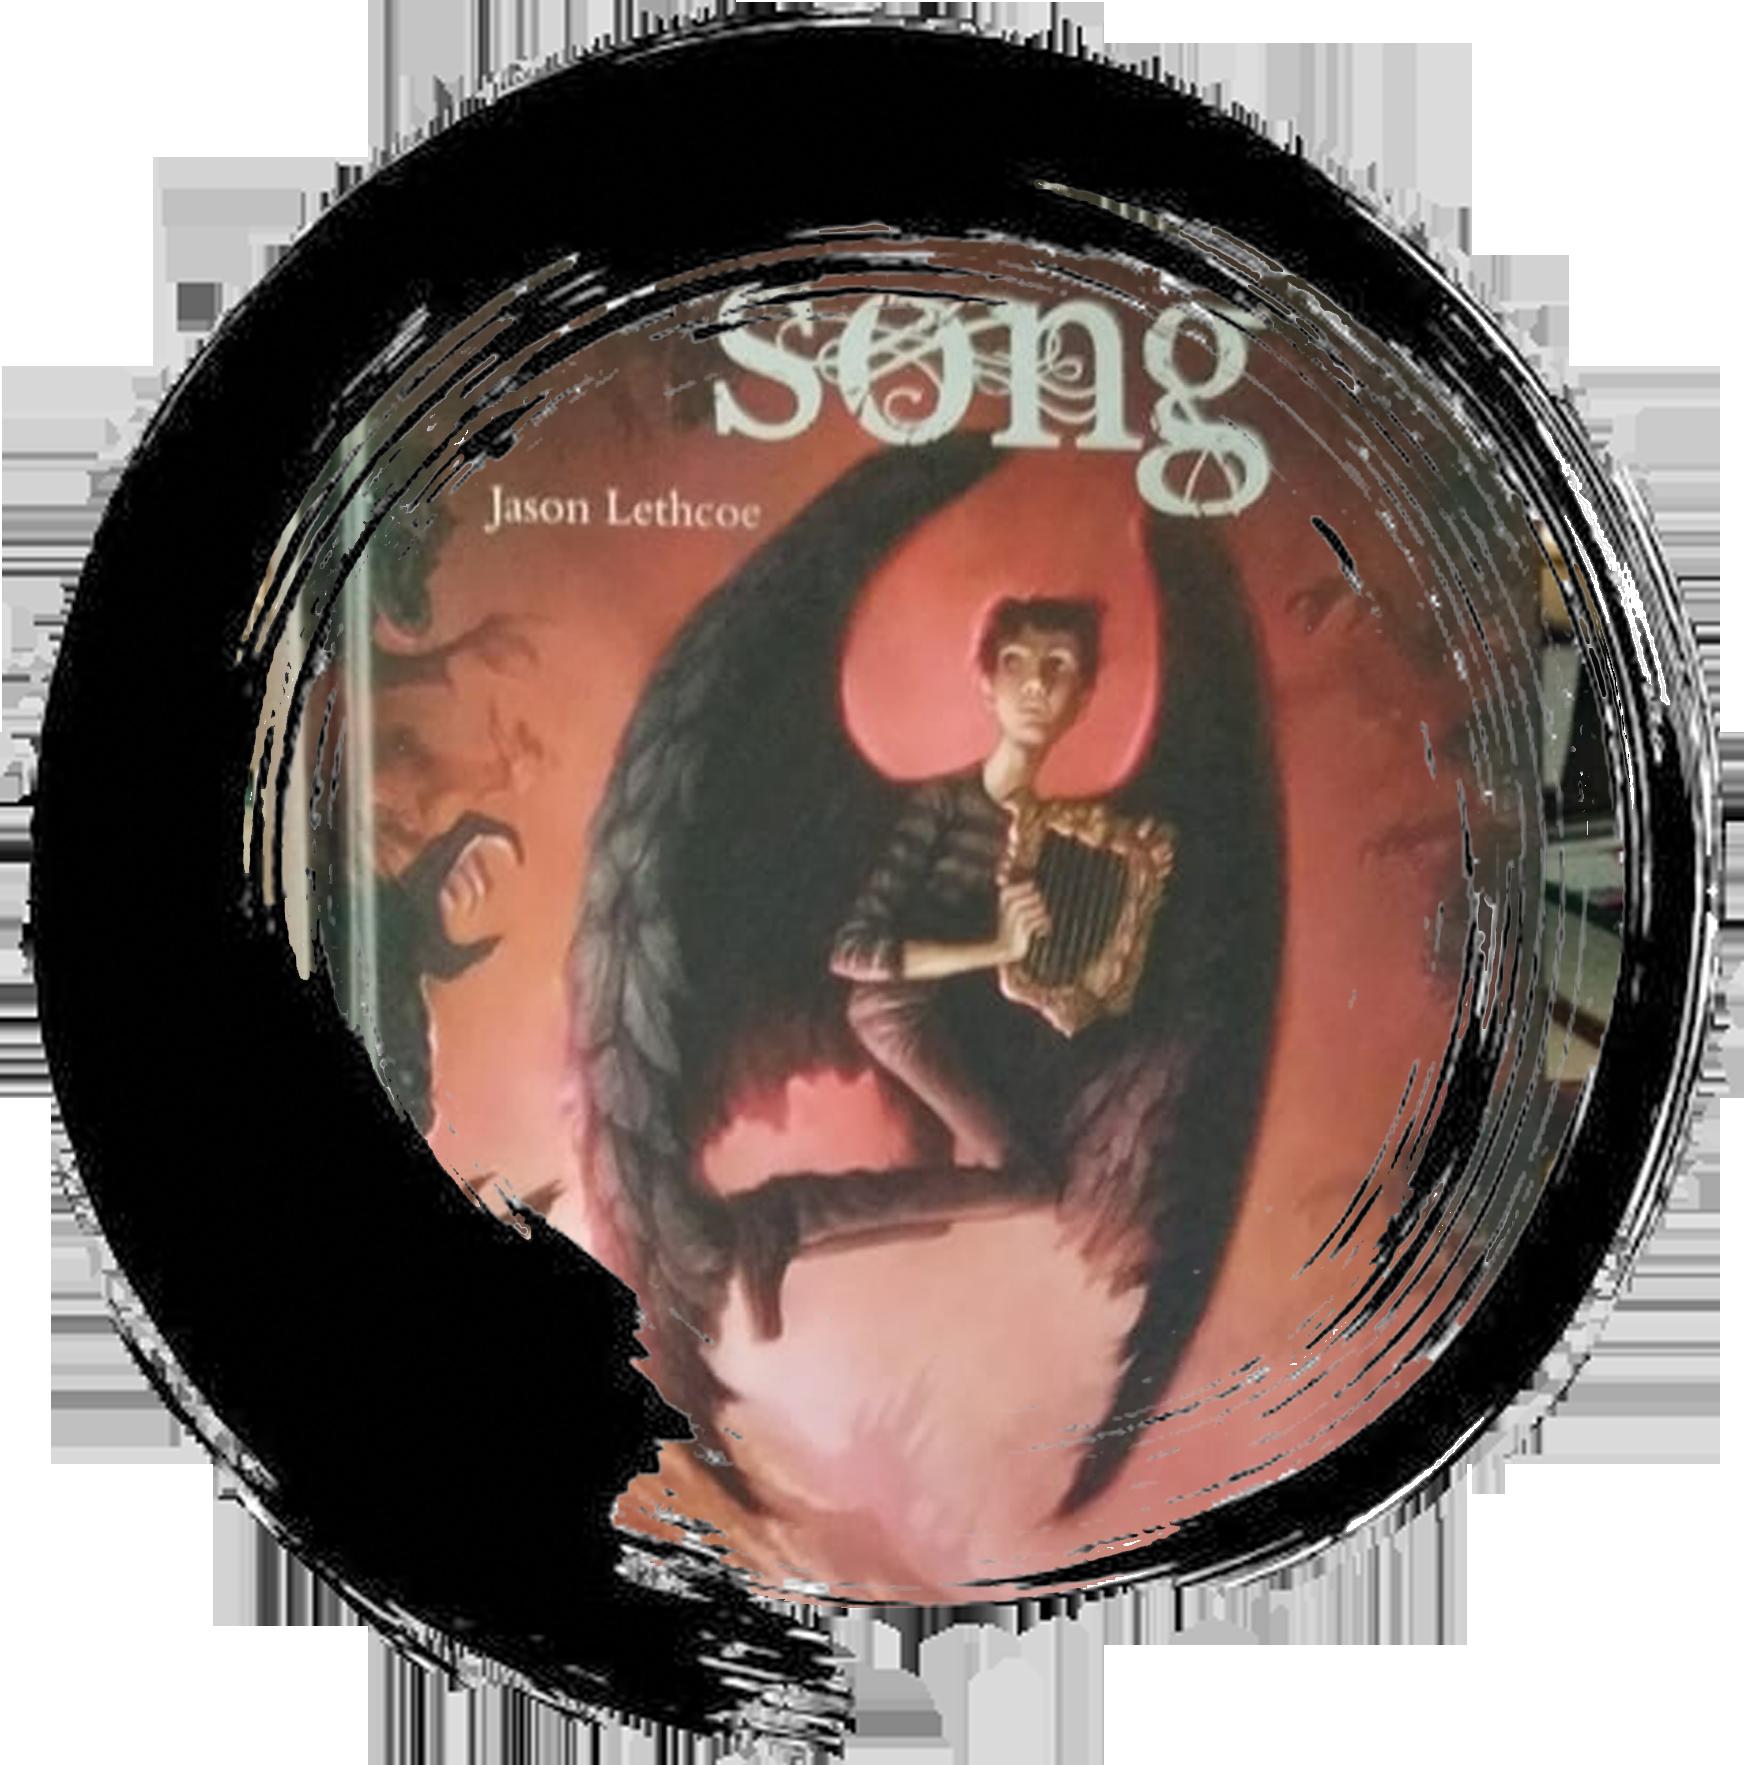 Der mysteriöse Mr. Spines #3 Song